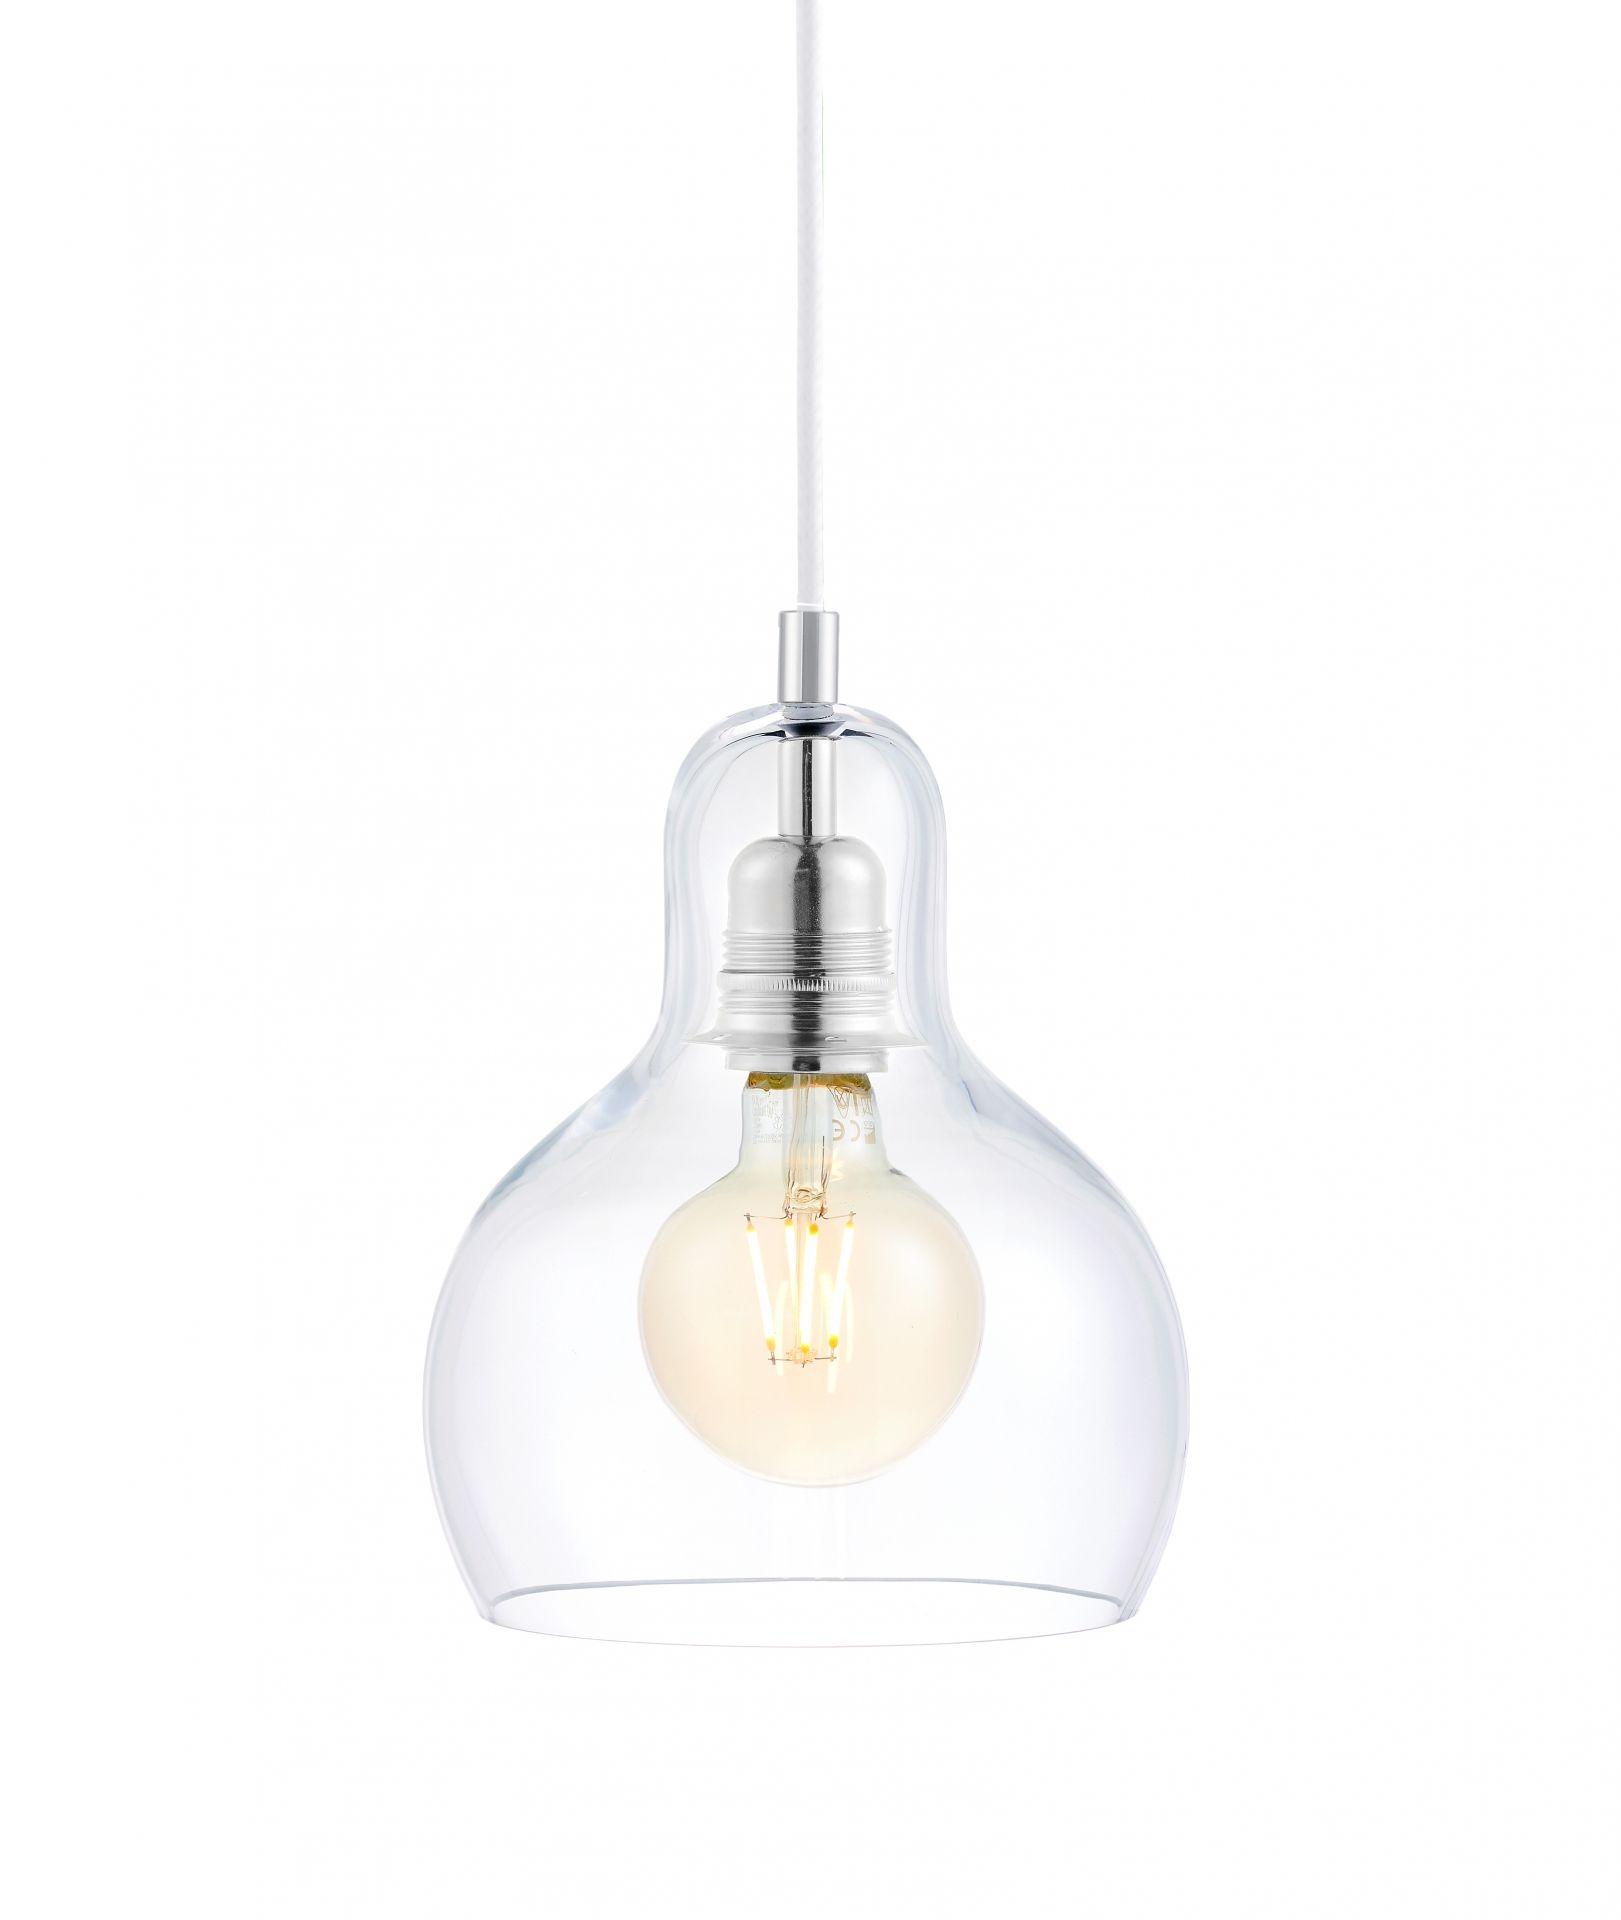 Lampa wisząca Longis I 10122109 oprawa przezroczysta / przewód biały Kaspa